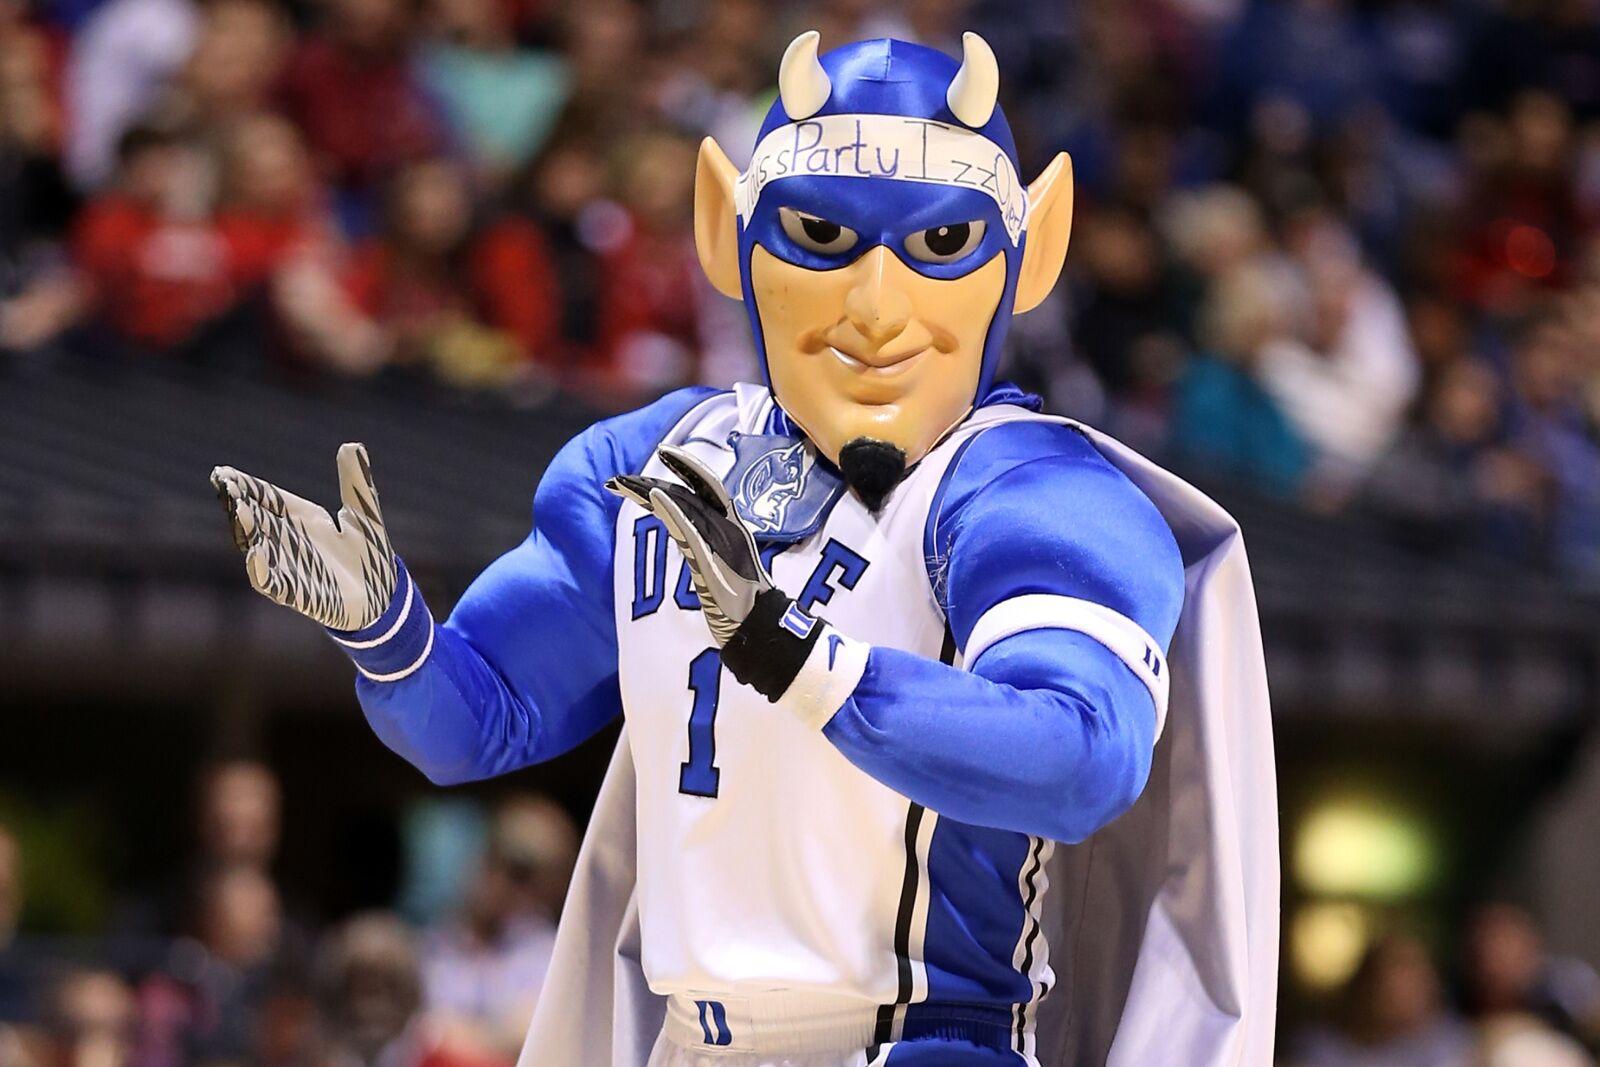 Duke basketball commit dismisses rumors from sour fans